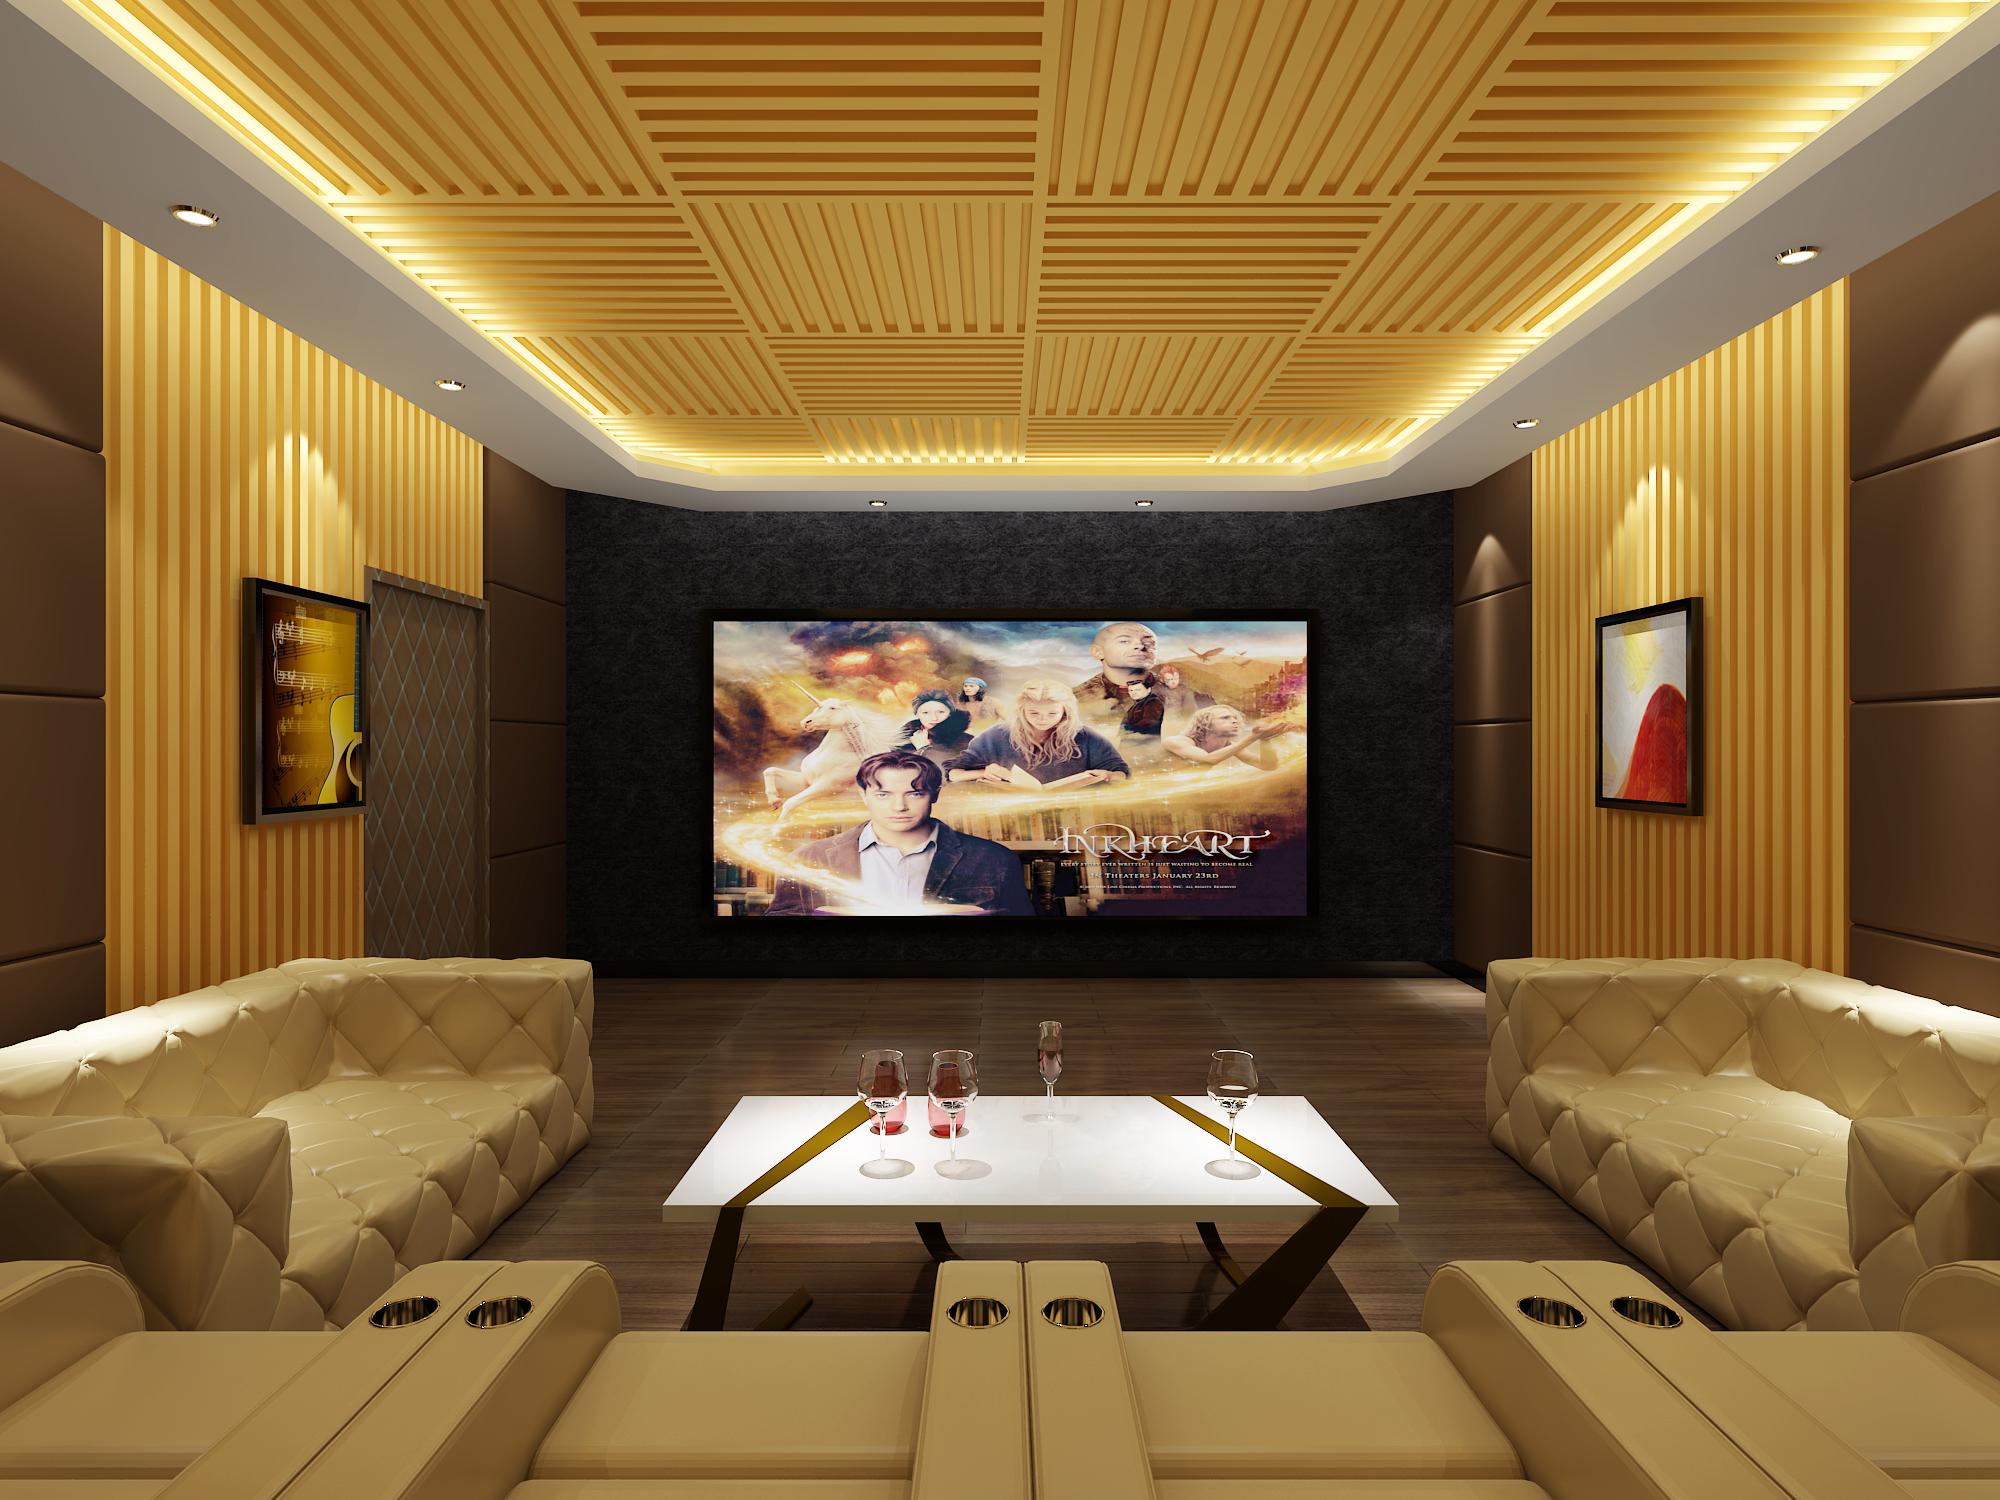 金沙洲金域蓝湾家庭影院卡拉OK系统安装案例效果图